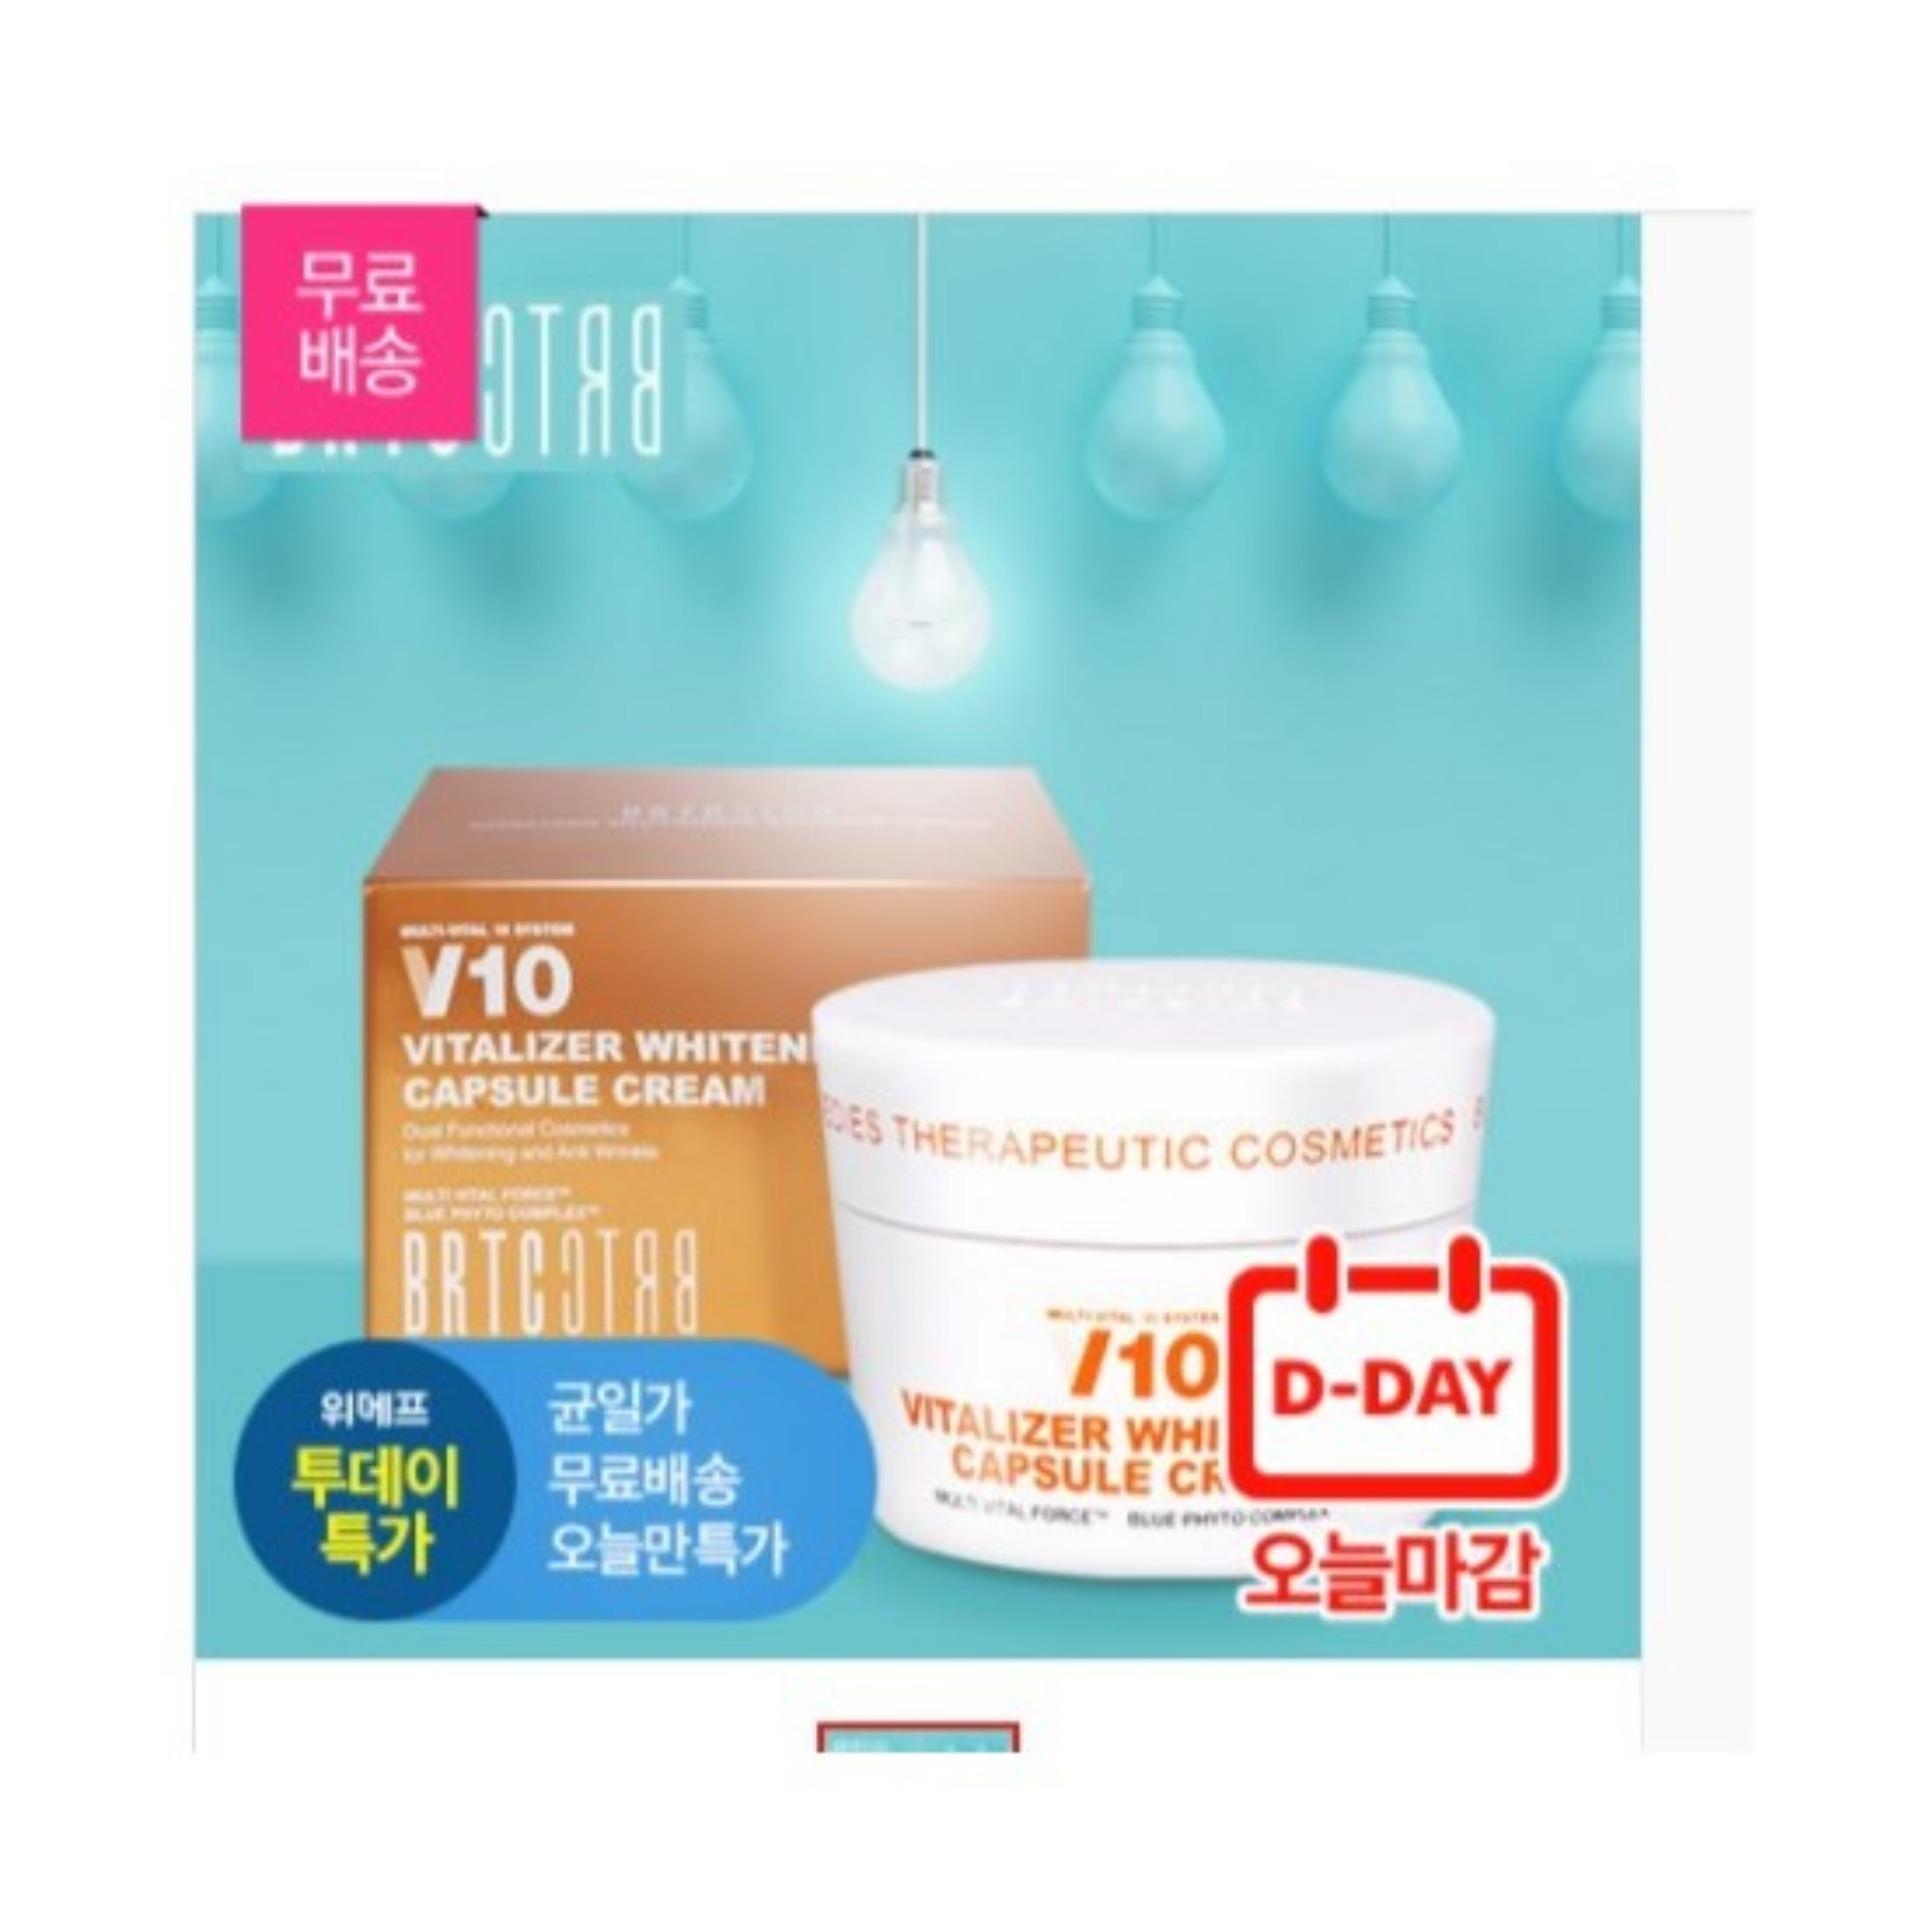 Kem trắng da BRTC Vitalizer Whitening V10 nhập khẩu